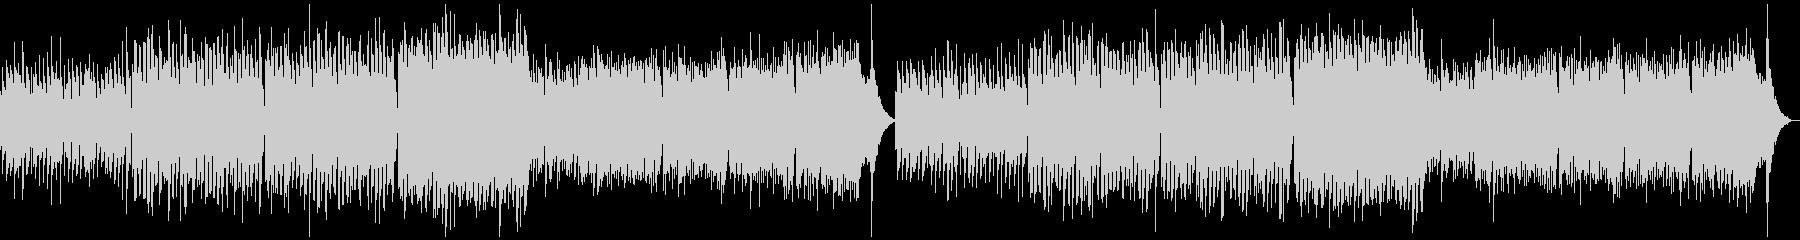 クール・スタイリッシュ・EDM・7の未再生の波形